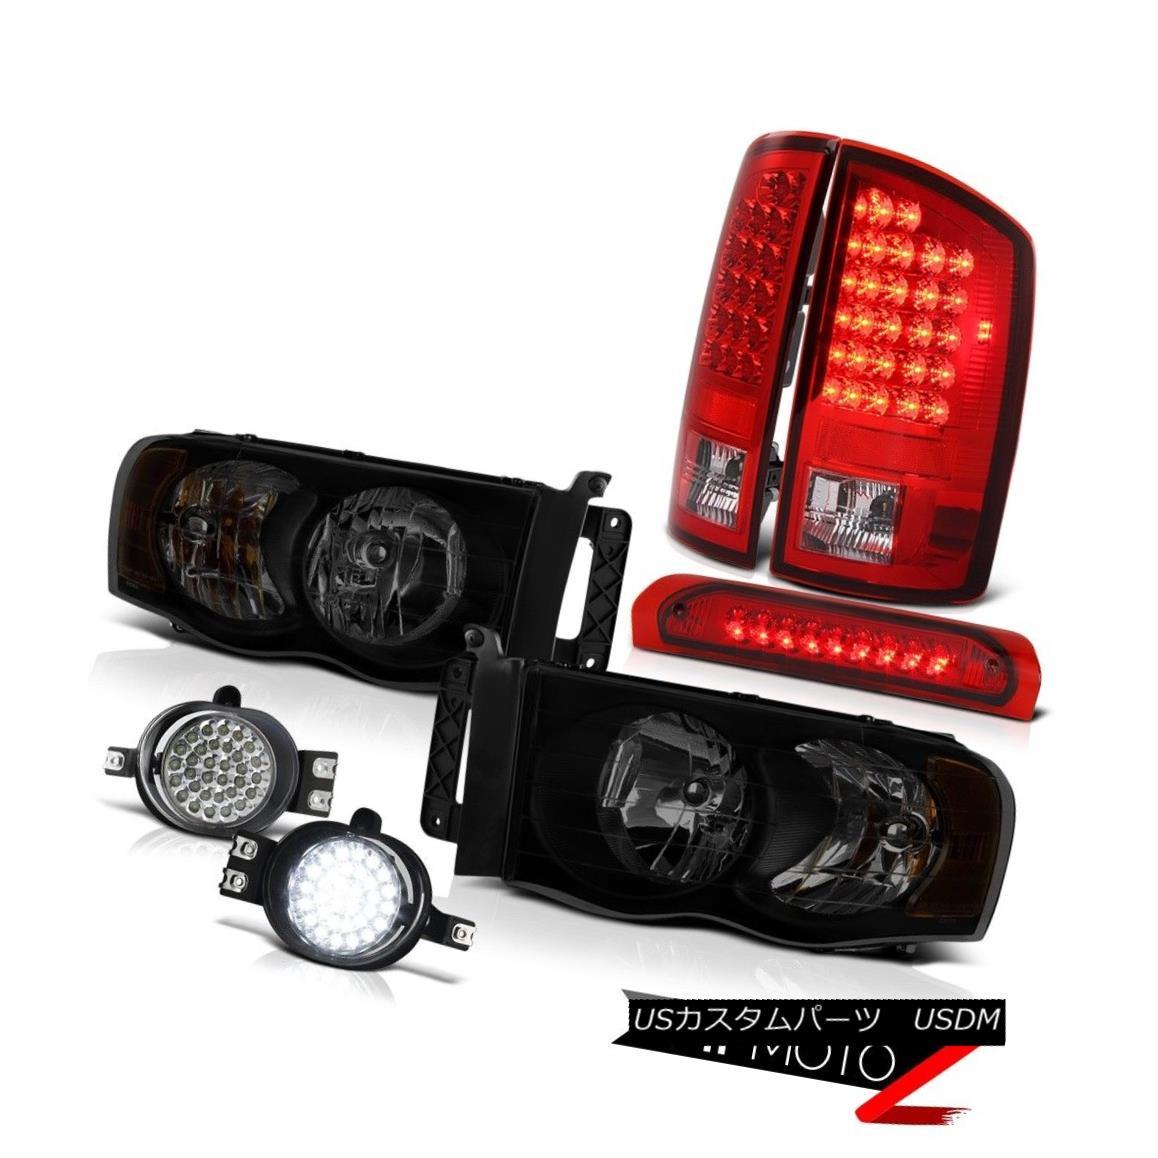 テールライト 02-05 Dodge Ram 1500 2500 4.7L Headlamps Foglights Roof Cab Light Taillights LED 02-05 Dodge Ram 1500 2500 4.7LヘッドランプフォグライトルーフキャブライトテールライトLED